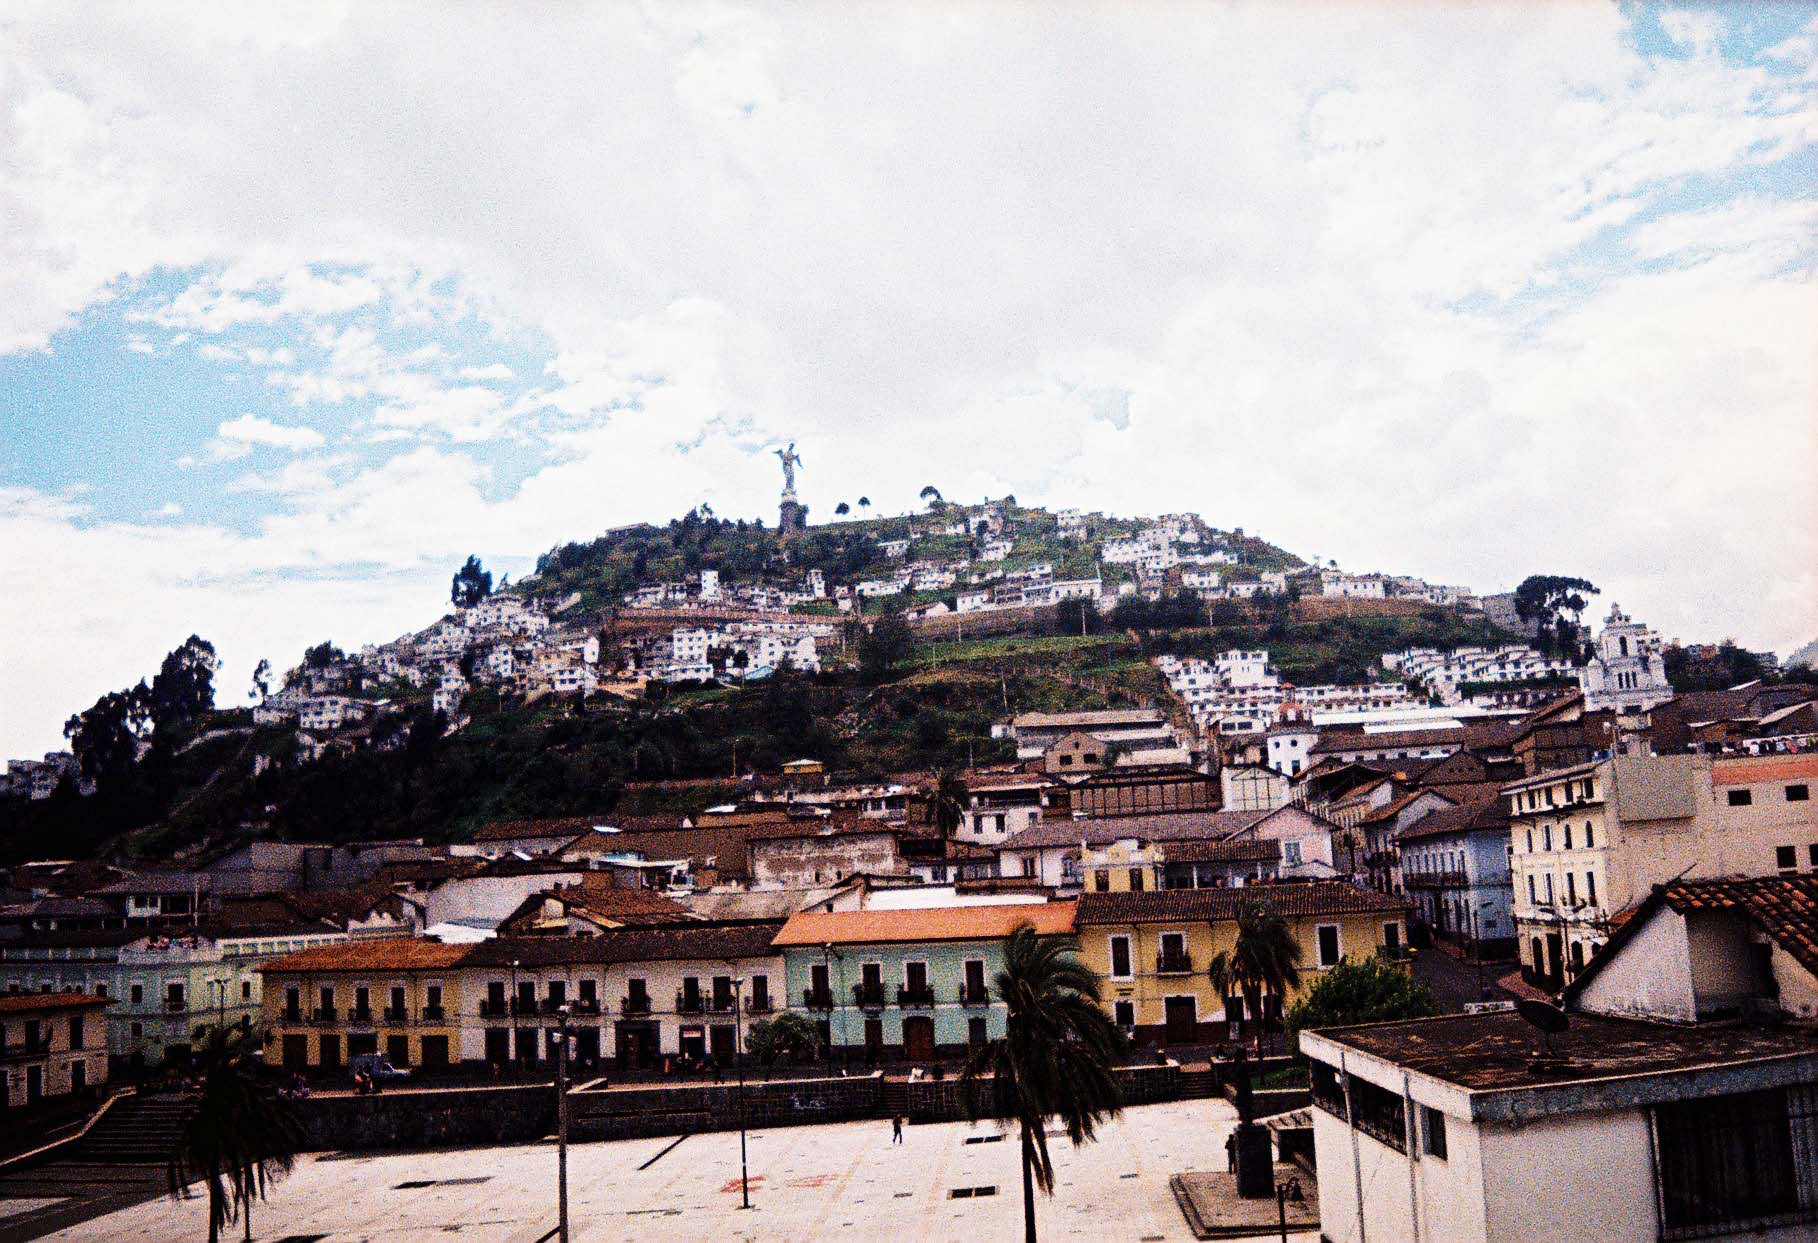 Quito e avenida dos vulcões - Quito